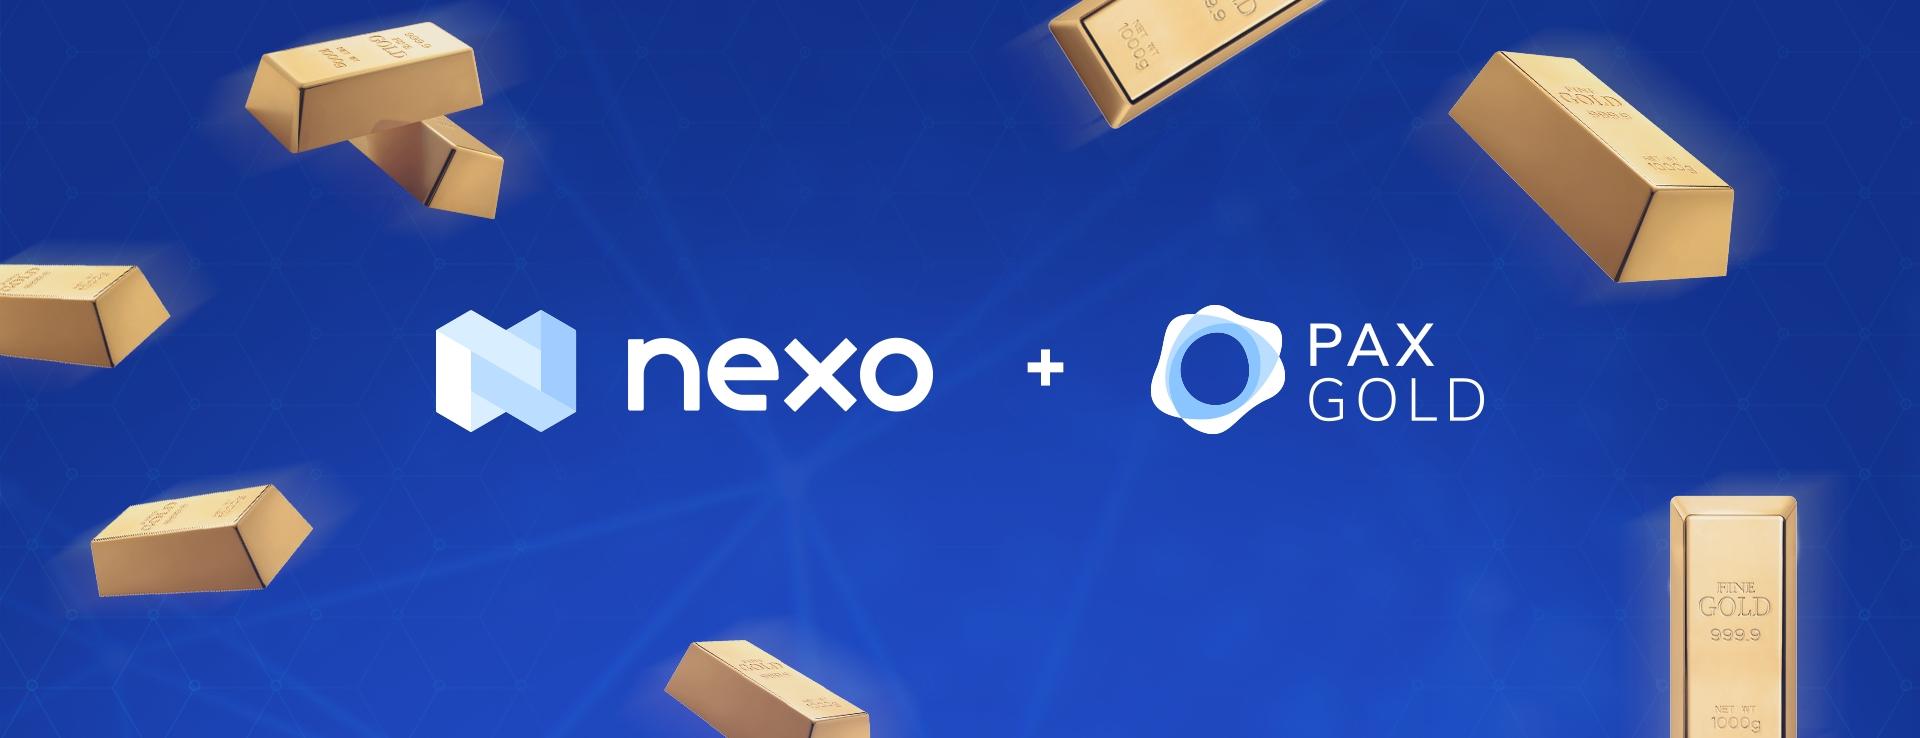 Nexo+PaxGold Horizontal 1 21